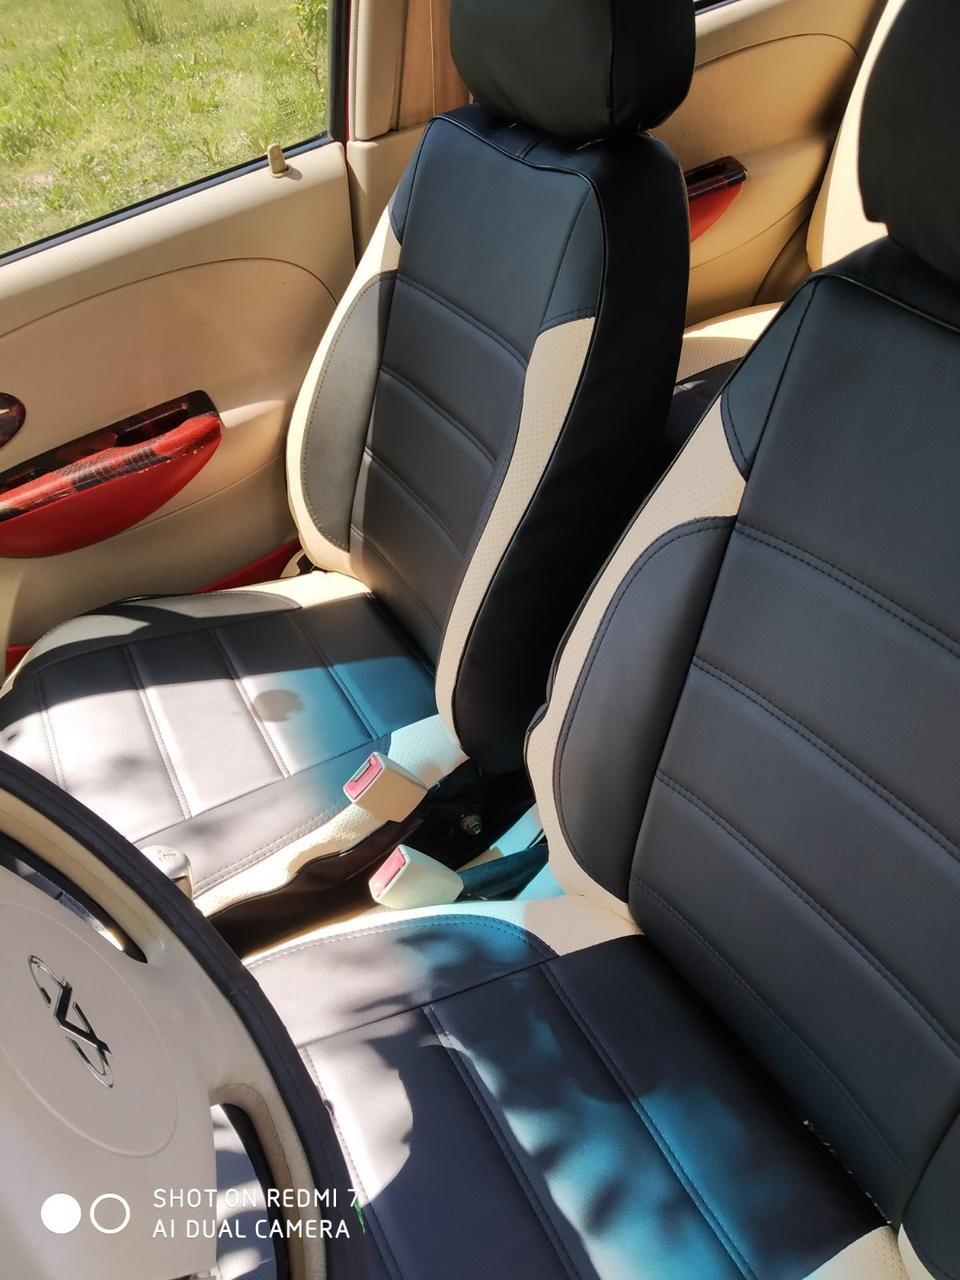 Чехлы на сиденья Ауди А4 Б5 (Audi A4 B5) модельные MAX-L из экокожи Черно-бежевый